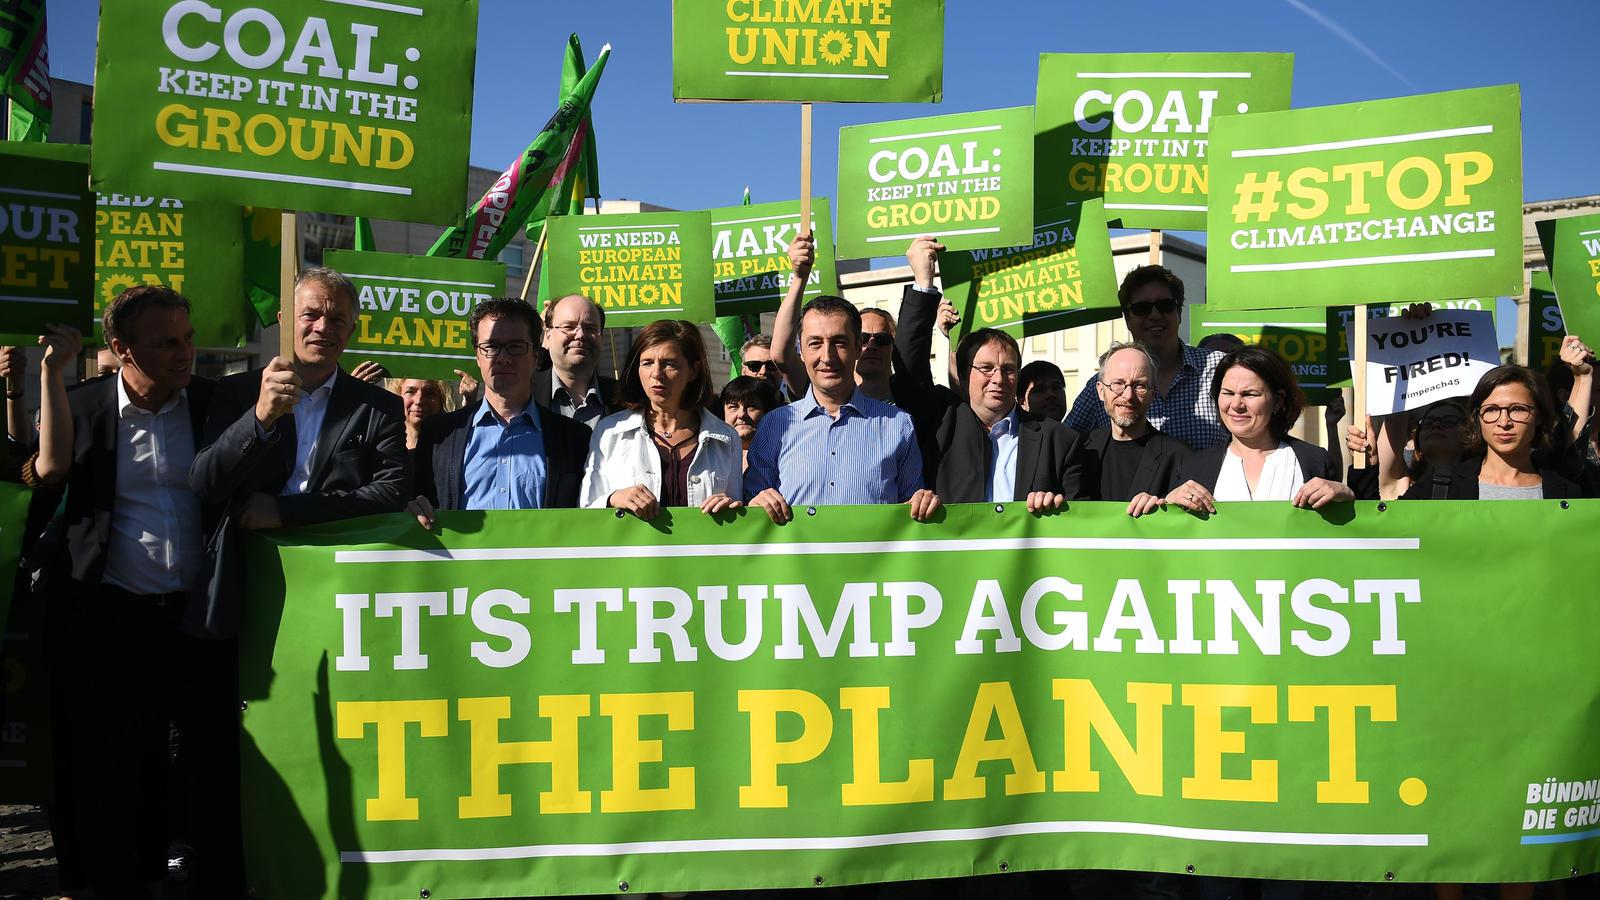 USA verabschieden sich offiziell vom Klimaabkommen